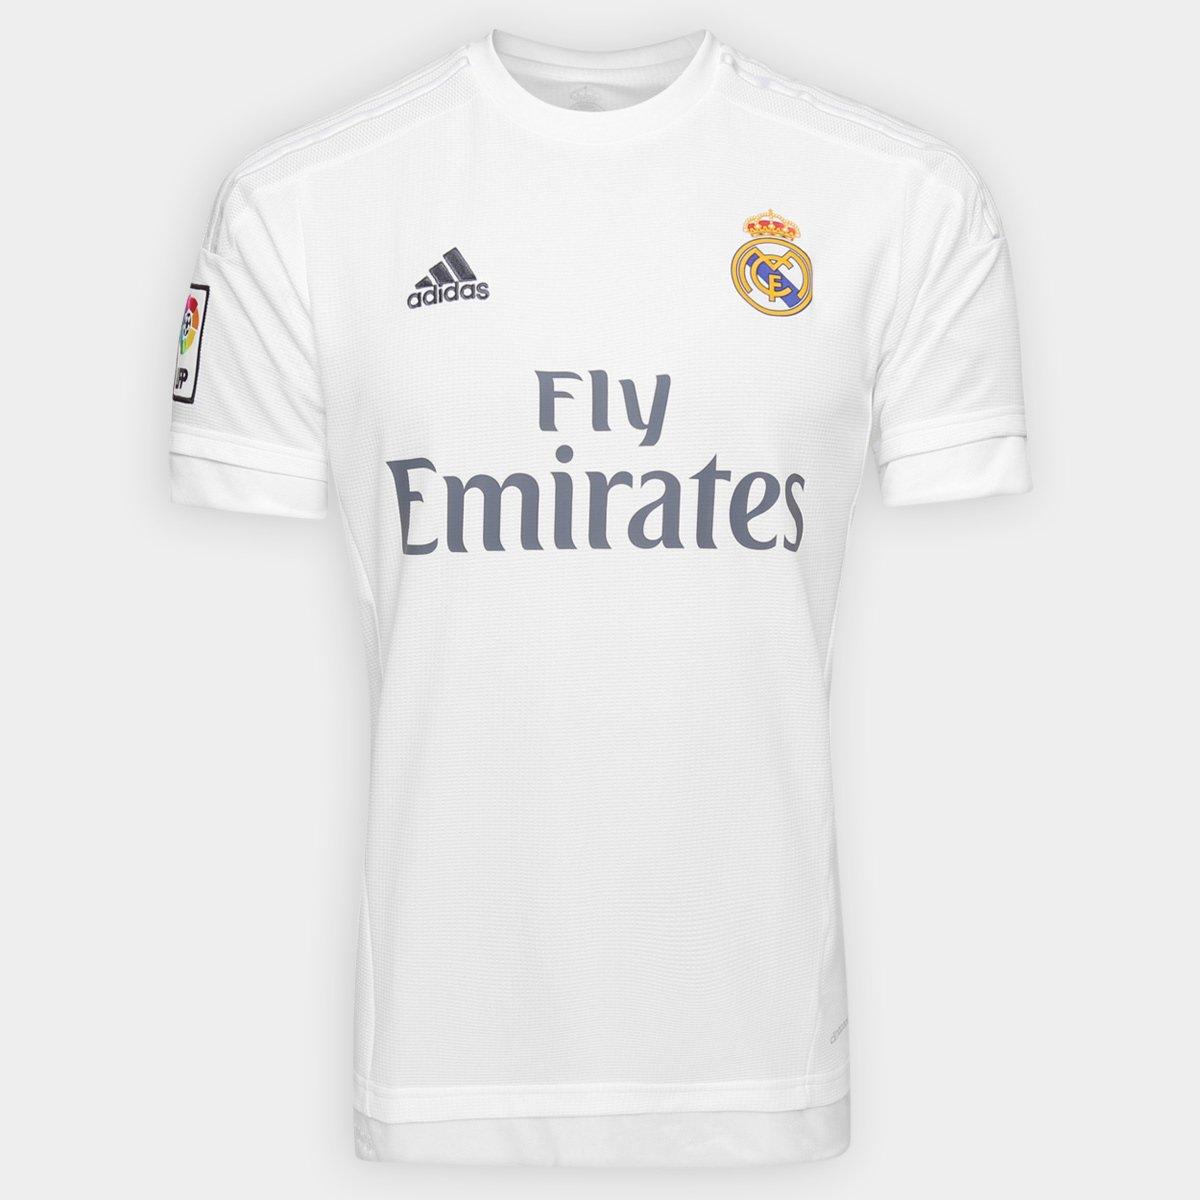 2ca4f7ec36726 Camisa Adidas Real Madrid Home 15 16 s nº - Compre Agora